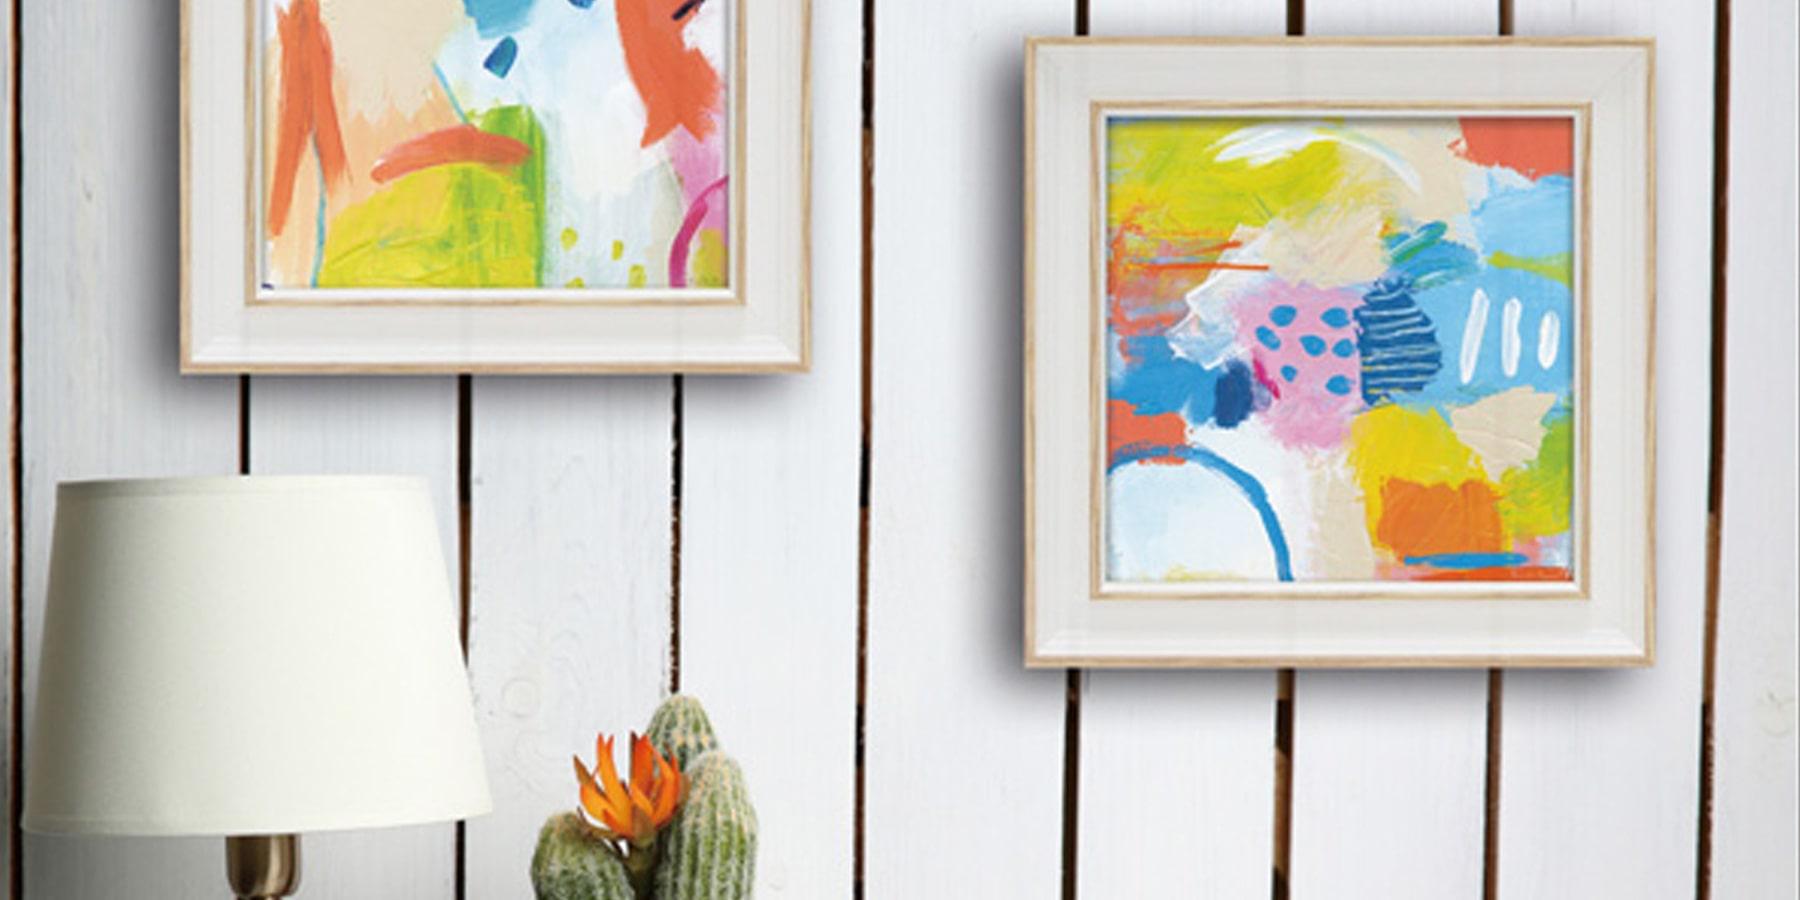 アート 壁掛け 卓上 インテリア 絵画 モダン 額入り アートパネル ミニゲルアートフレーム ファリダ ザマン チアフル1